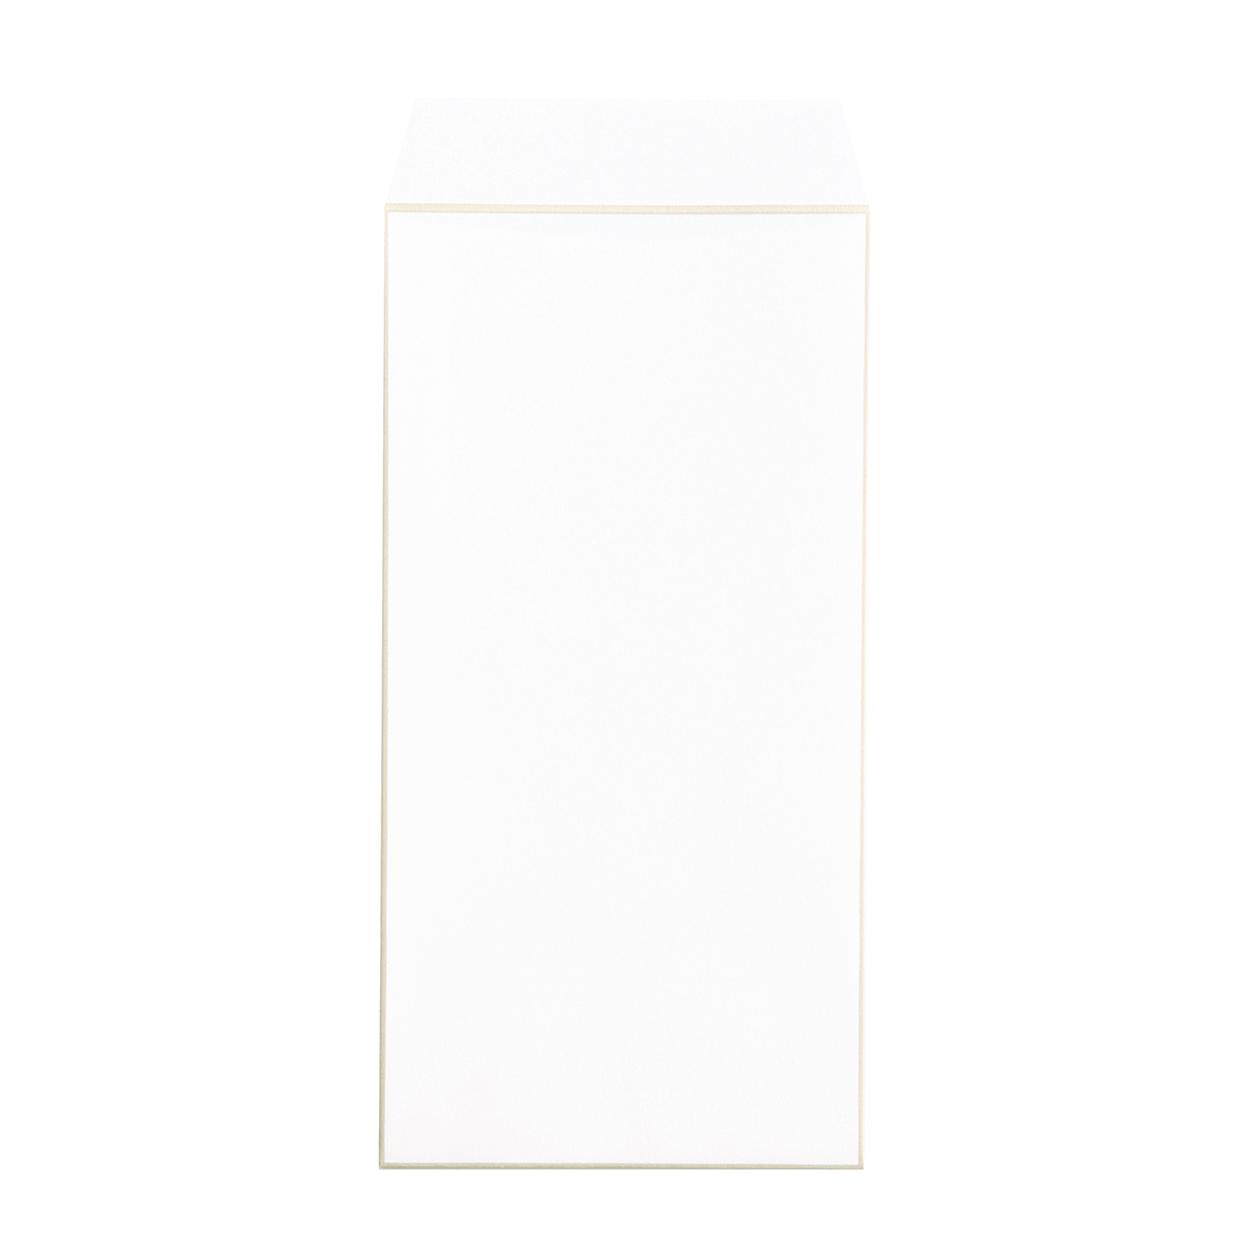 長3封筒 コットン スノーホワイトFサンド 116.3g